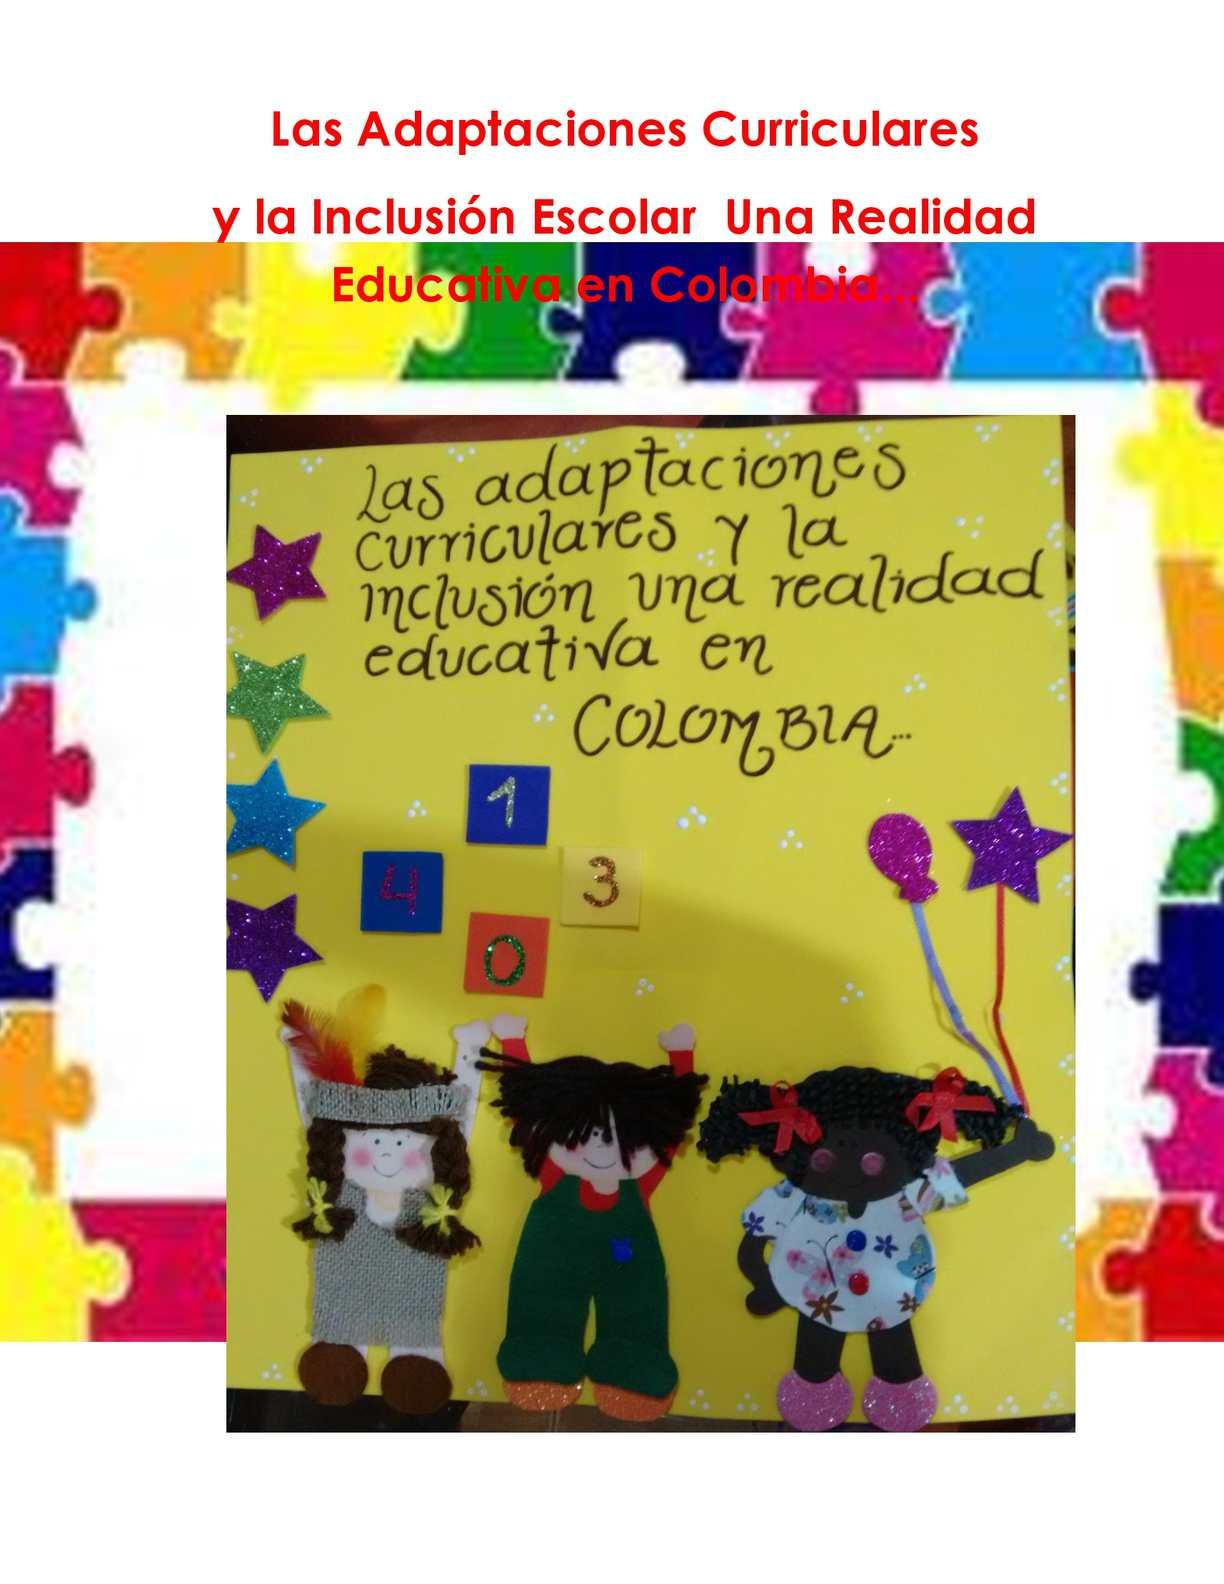 Cartilla Adaptaciones Curriculares Y La Inclusión Escolar Una Realidad En Colombia C A Manizales